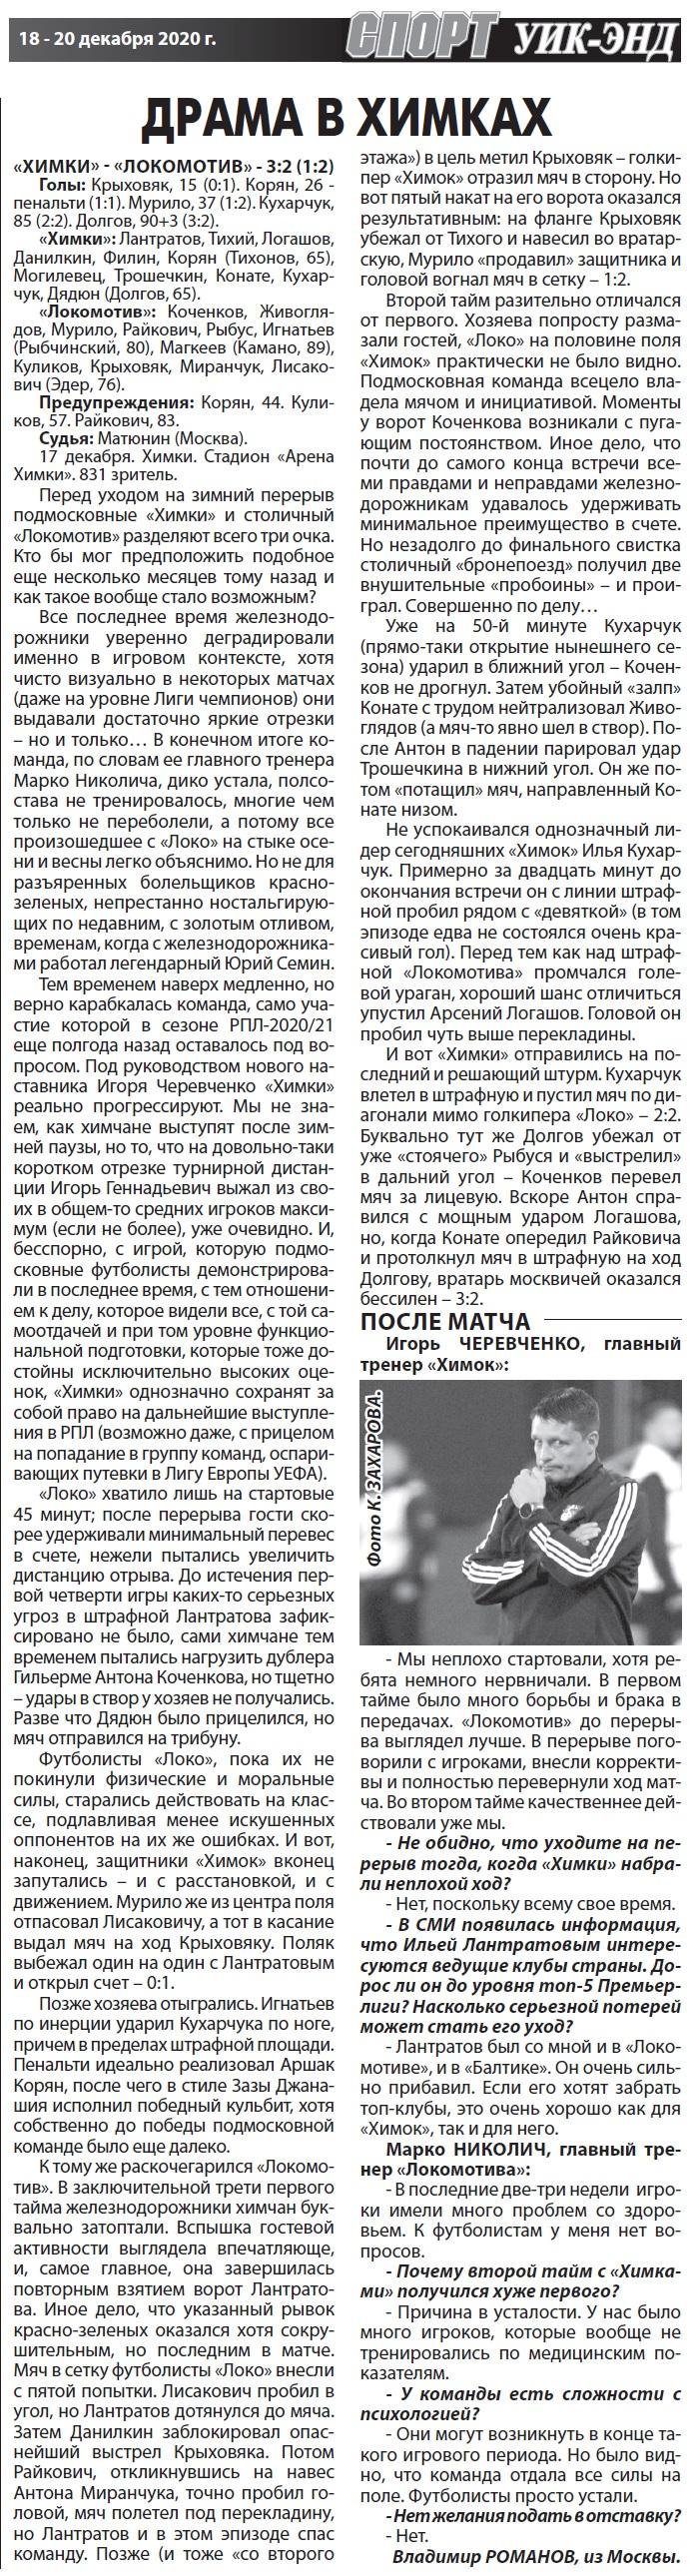 Химки (Химки) - Локомотив (Москва) 3:2